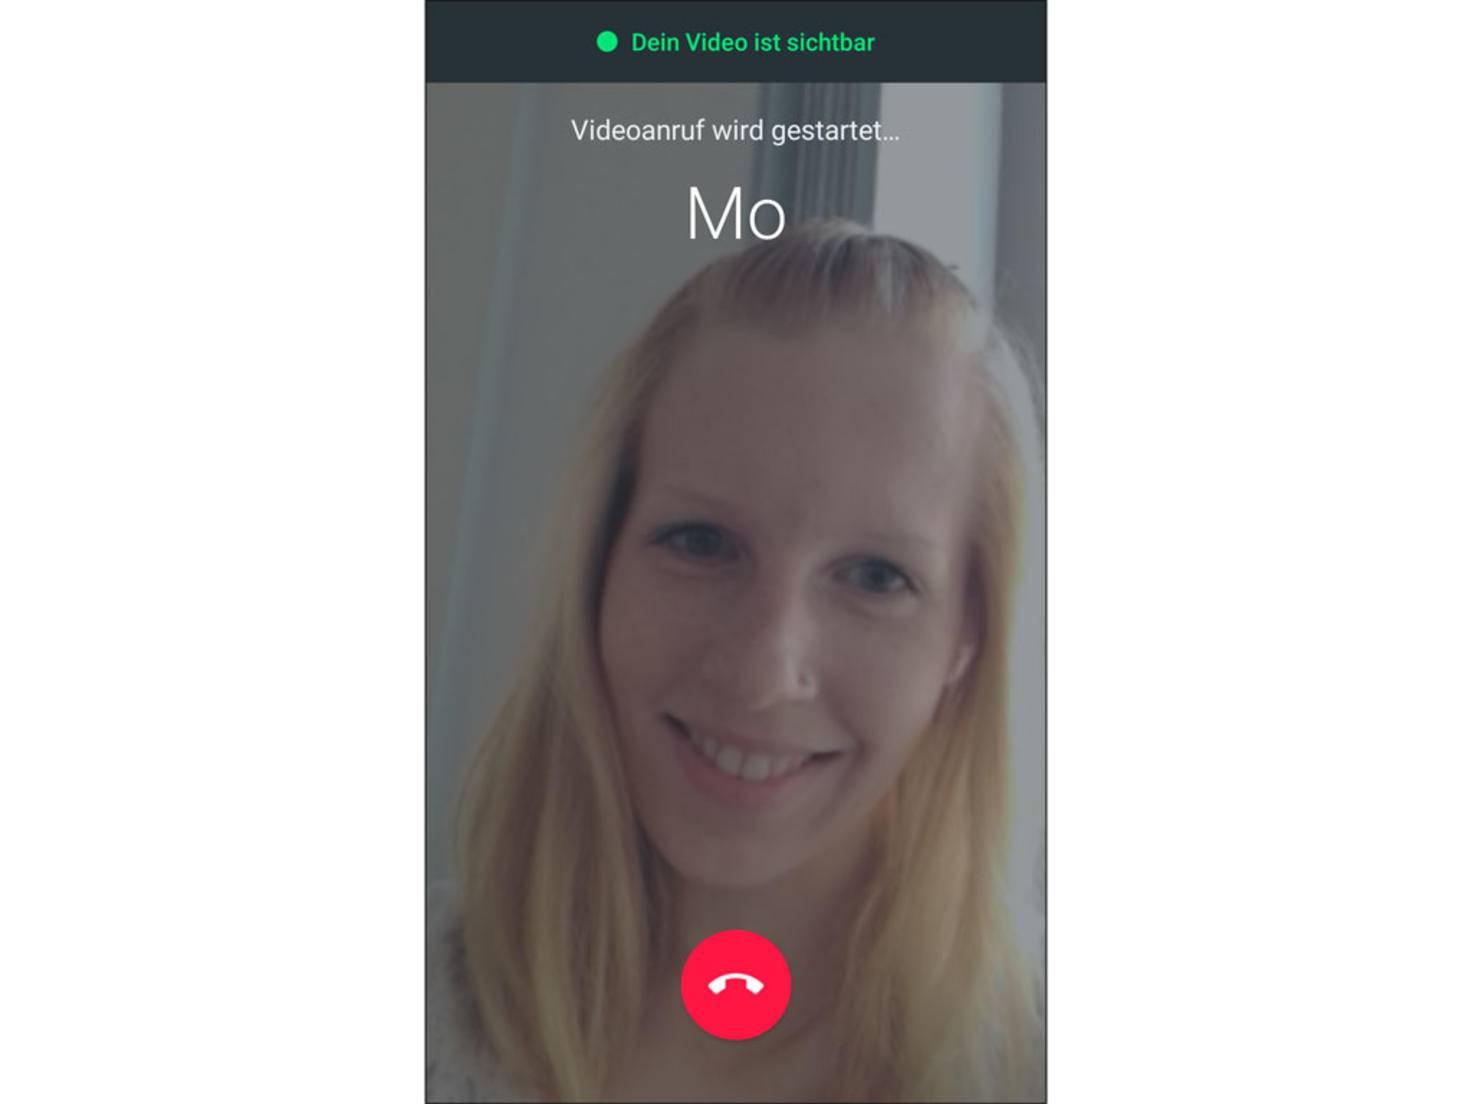 Oder gib dem Telefonpartner einen Eindruck von Deiner aktuellen Stimmung.